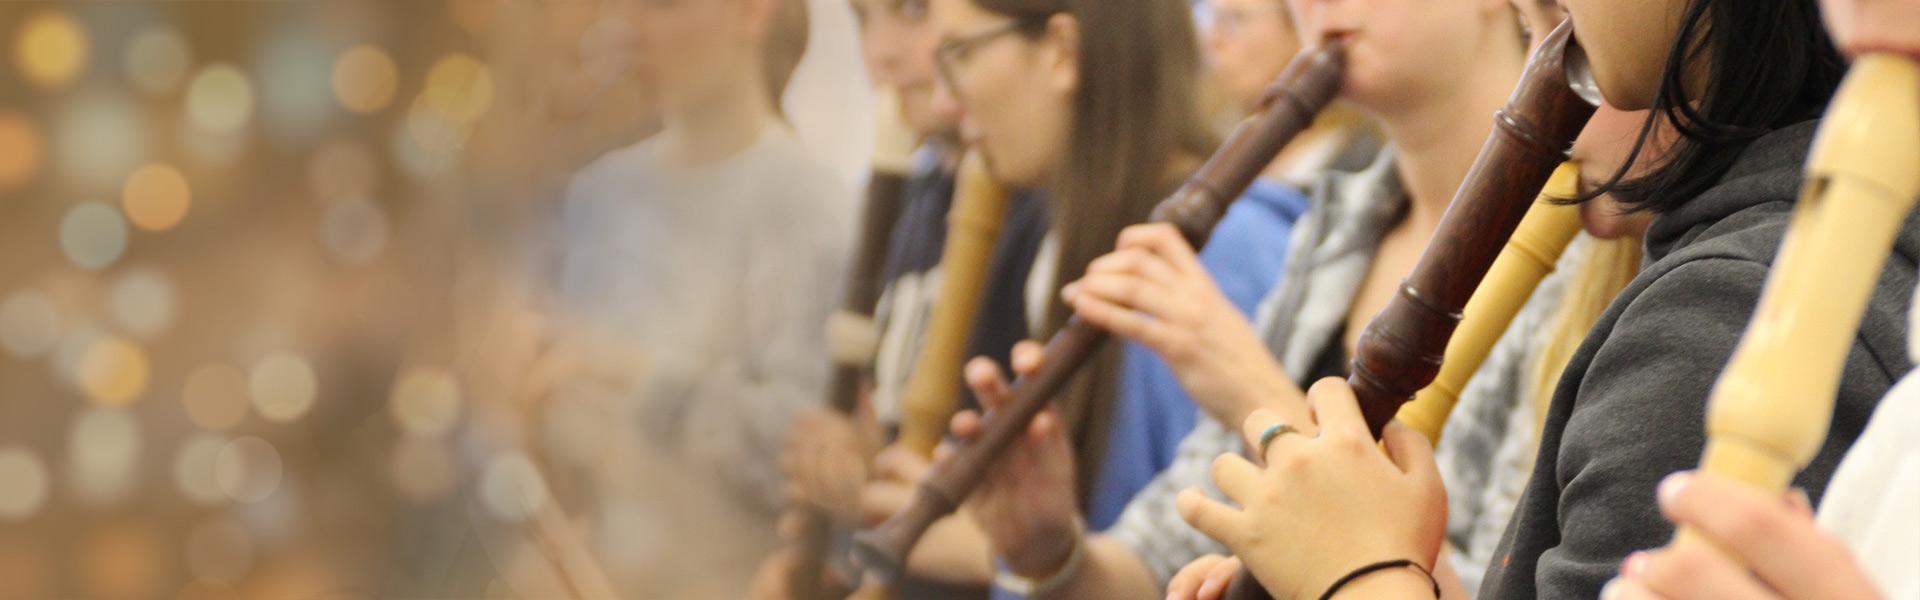 ERTA Österreich - Verein zur Förderung des Blockflötenspiels und des Unterrichts auf der Blockflöte